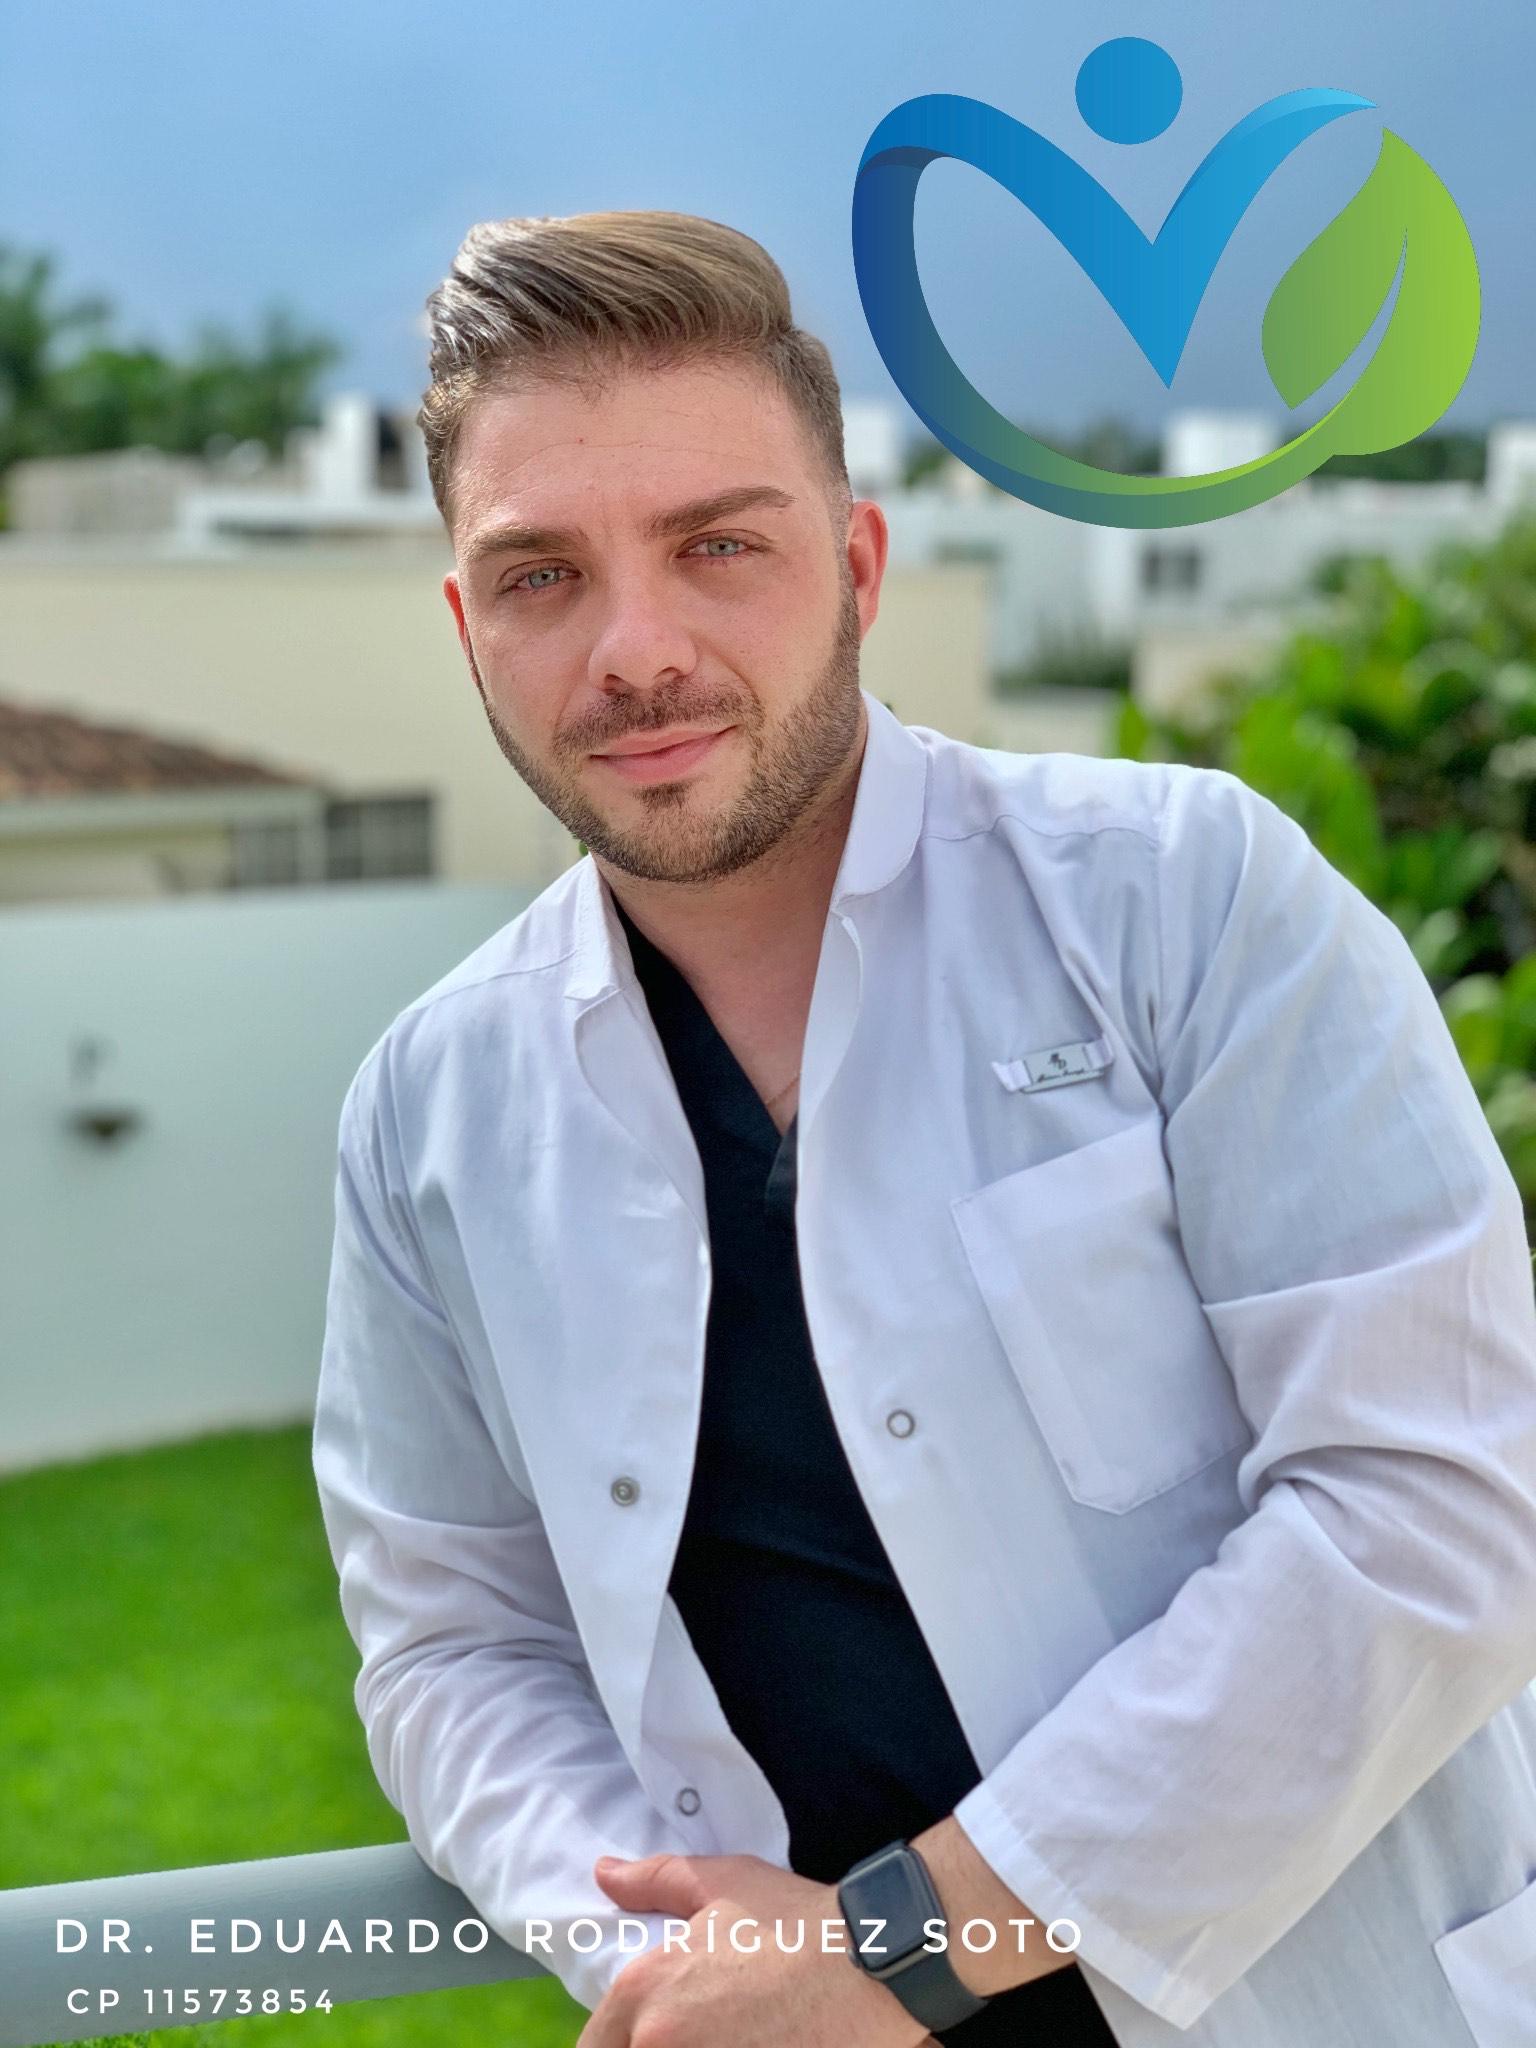 DR. EDUARDO LUIS RODRÍGUEZ SOTO